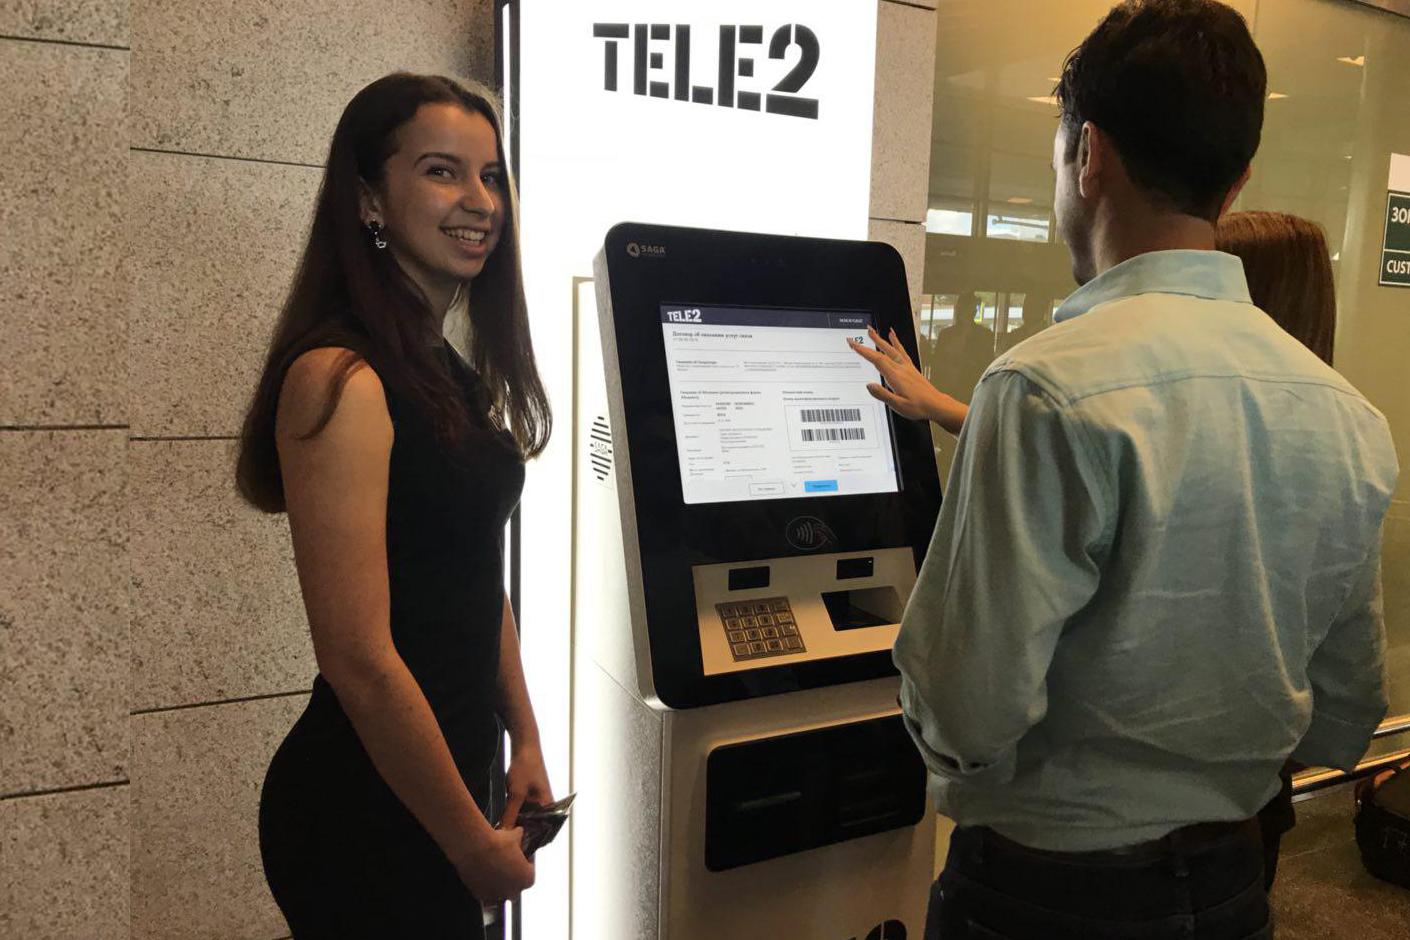 В московском метро установили аппараты по продаже sim-карт